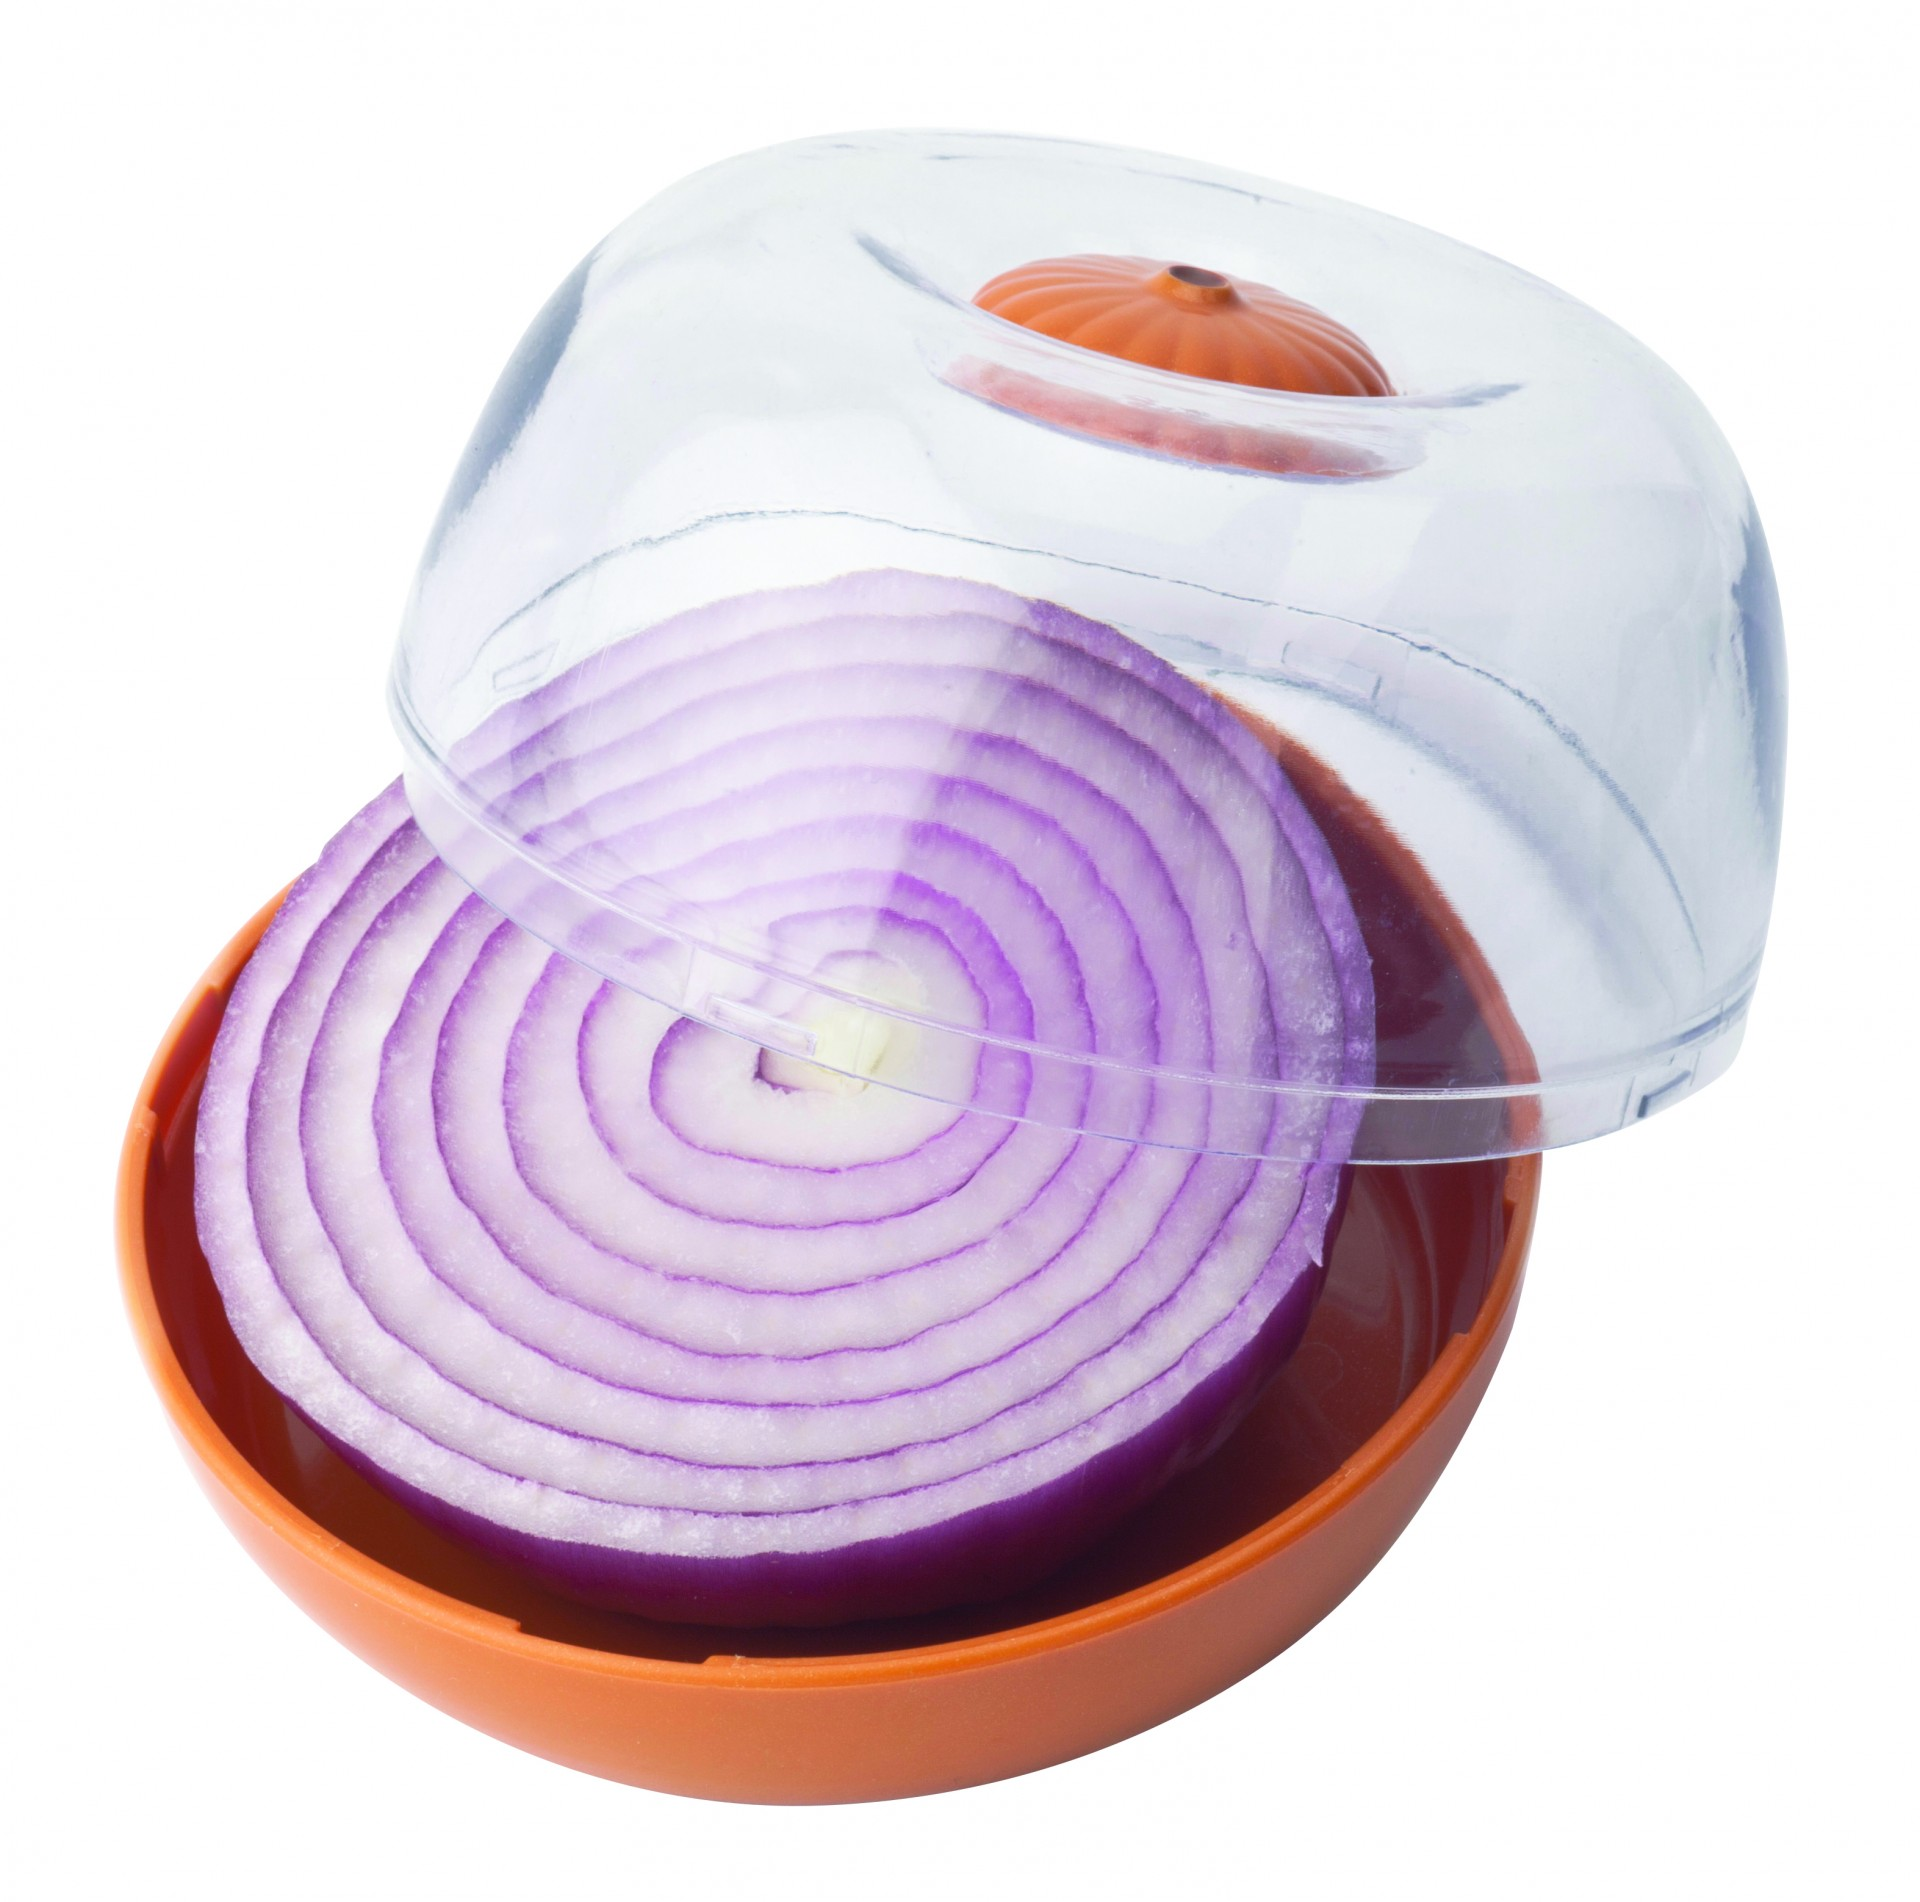 Caixa para cebola transparente